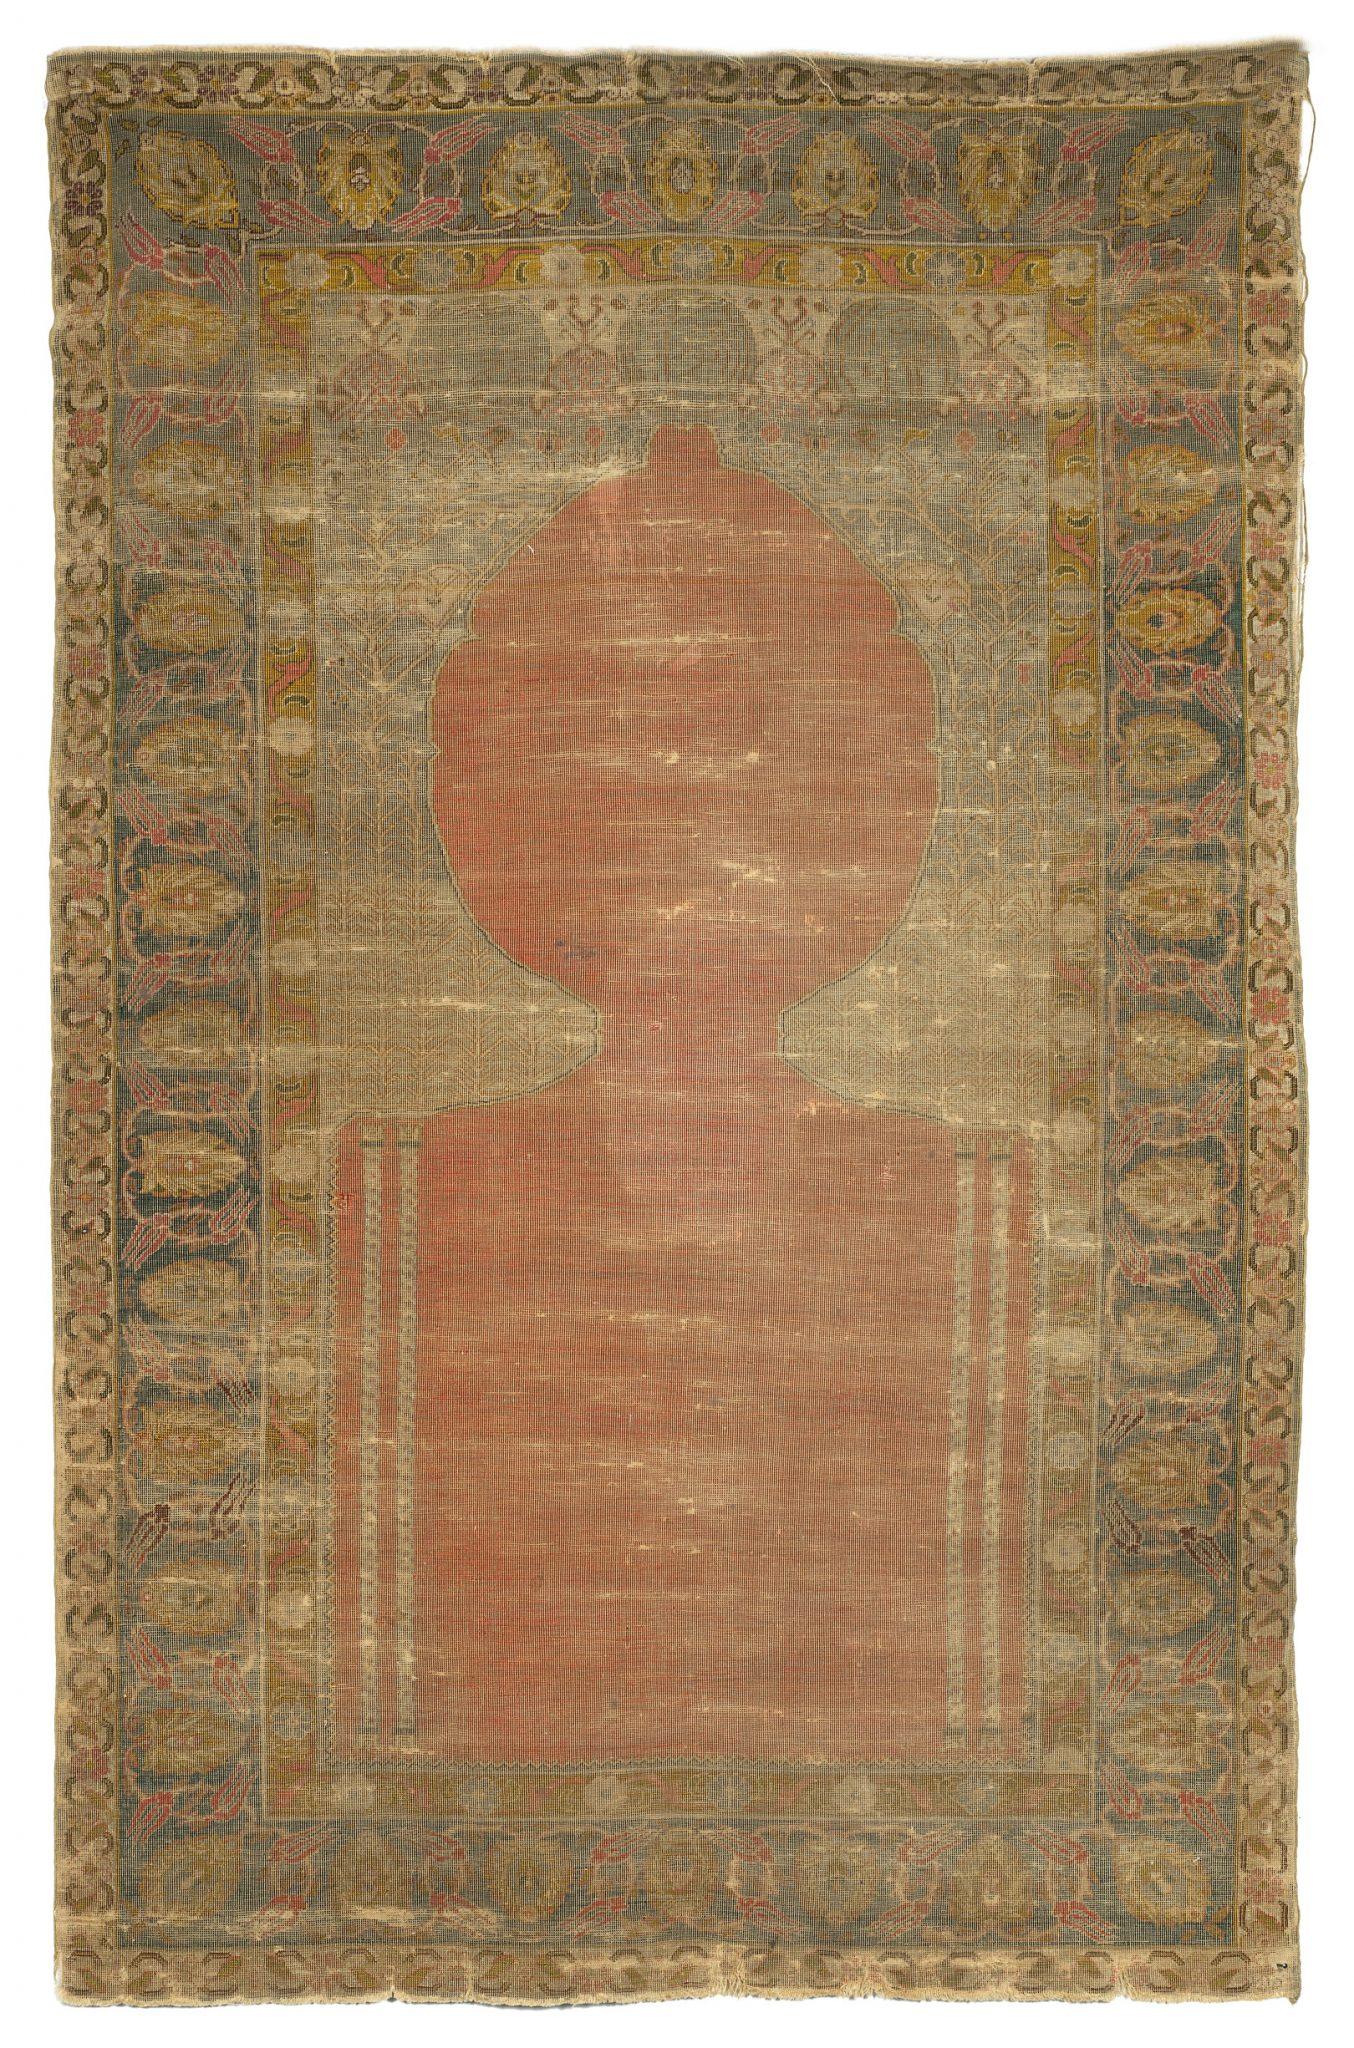 Tappeto Smirne, Preghiera, Anatolia, secolo XVII Valutazione € 5.300,00 – 5.600,00